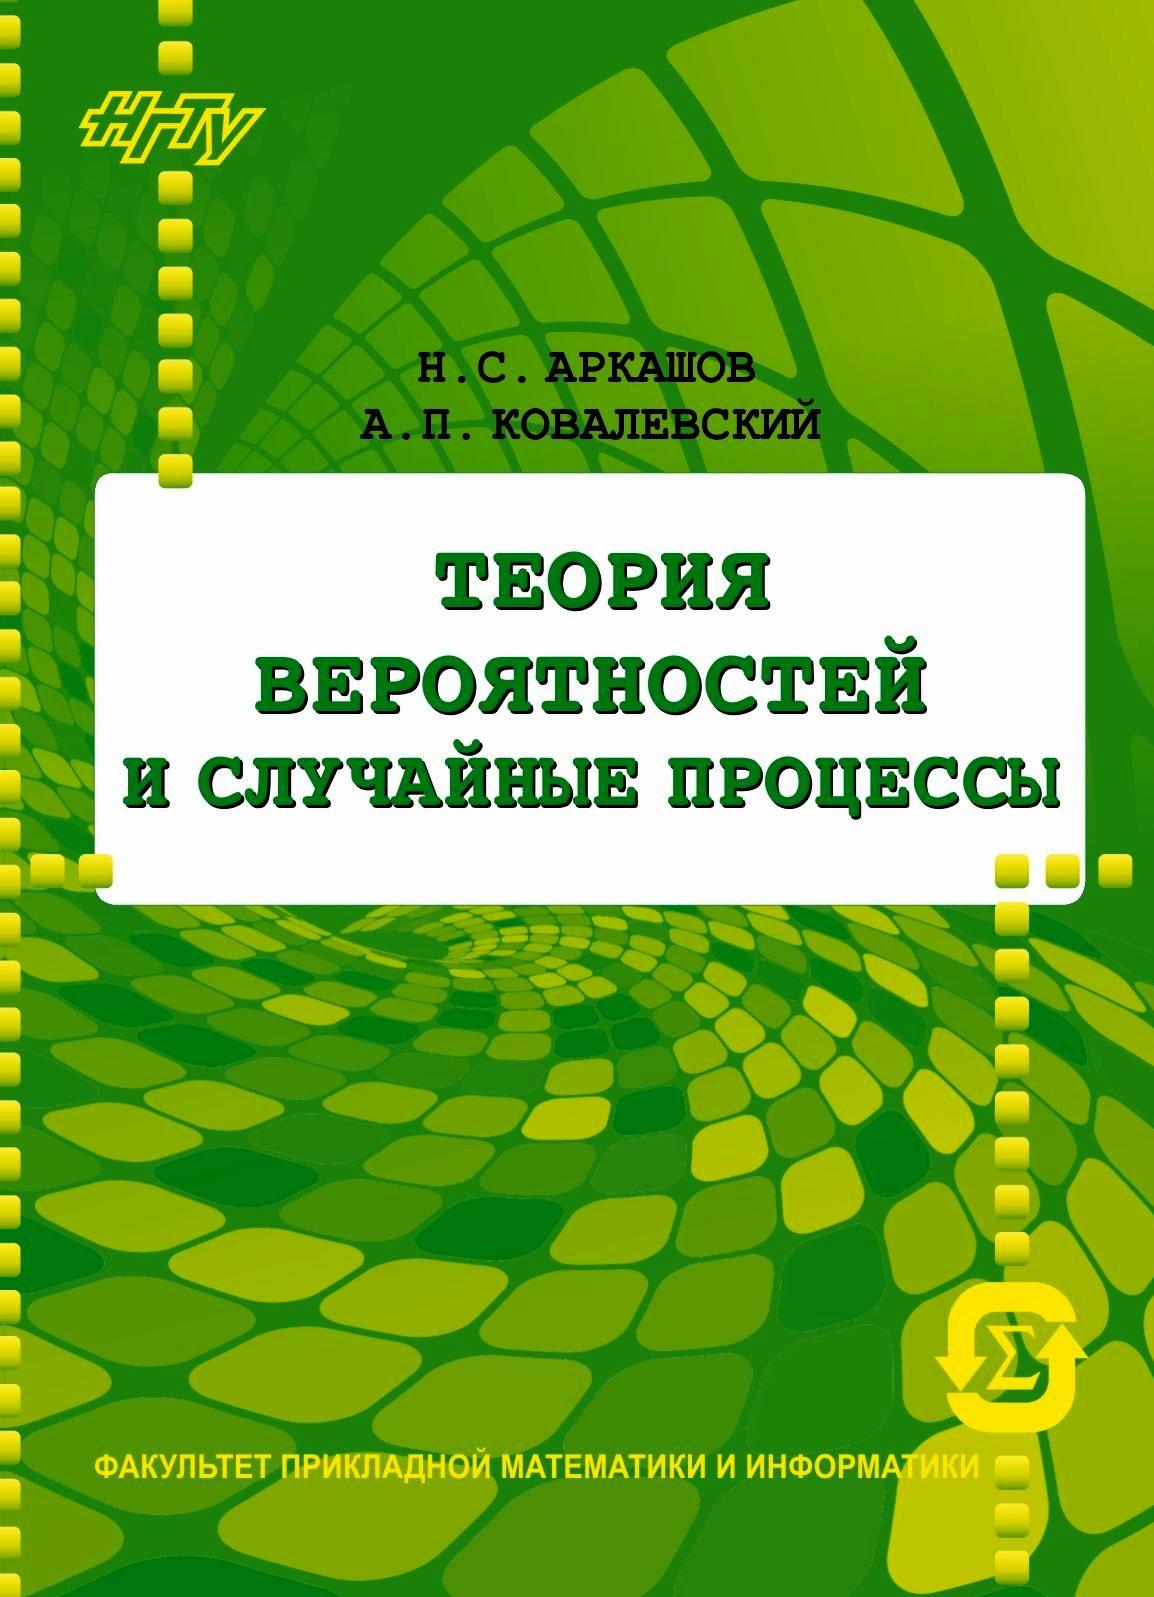 А. П. Ковалевский Теория вероятностей и случайные процессы теория вероятностей основные понятия предельные теоремы случайные процессы